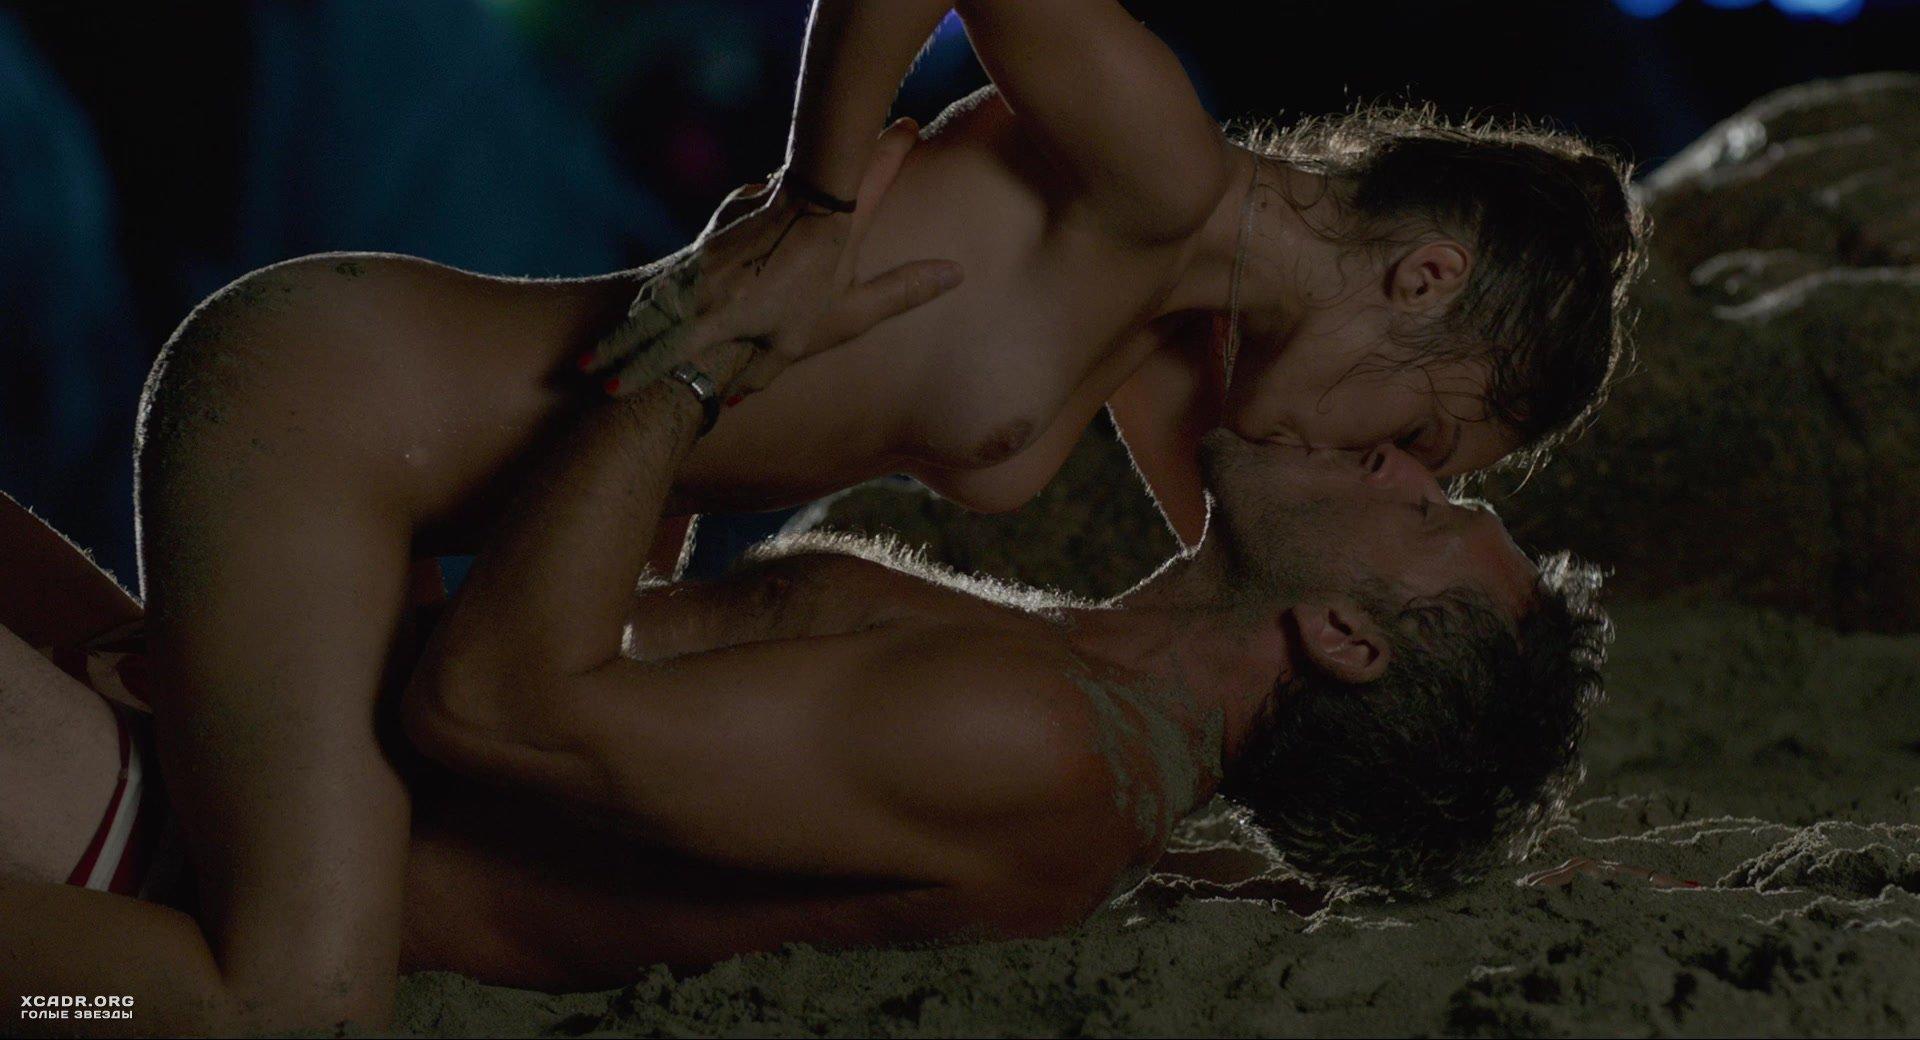 luchshie-eroticheskie-momenti